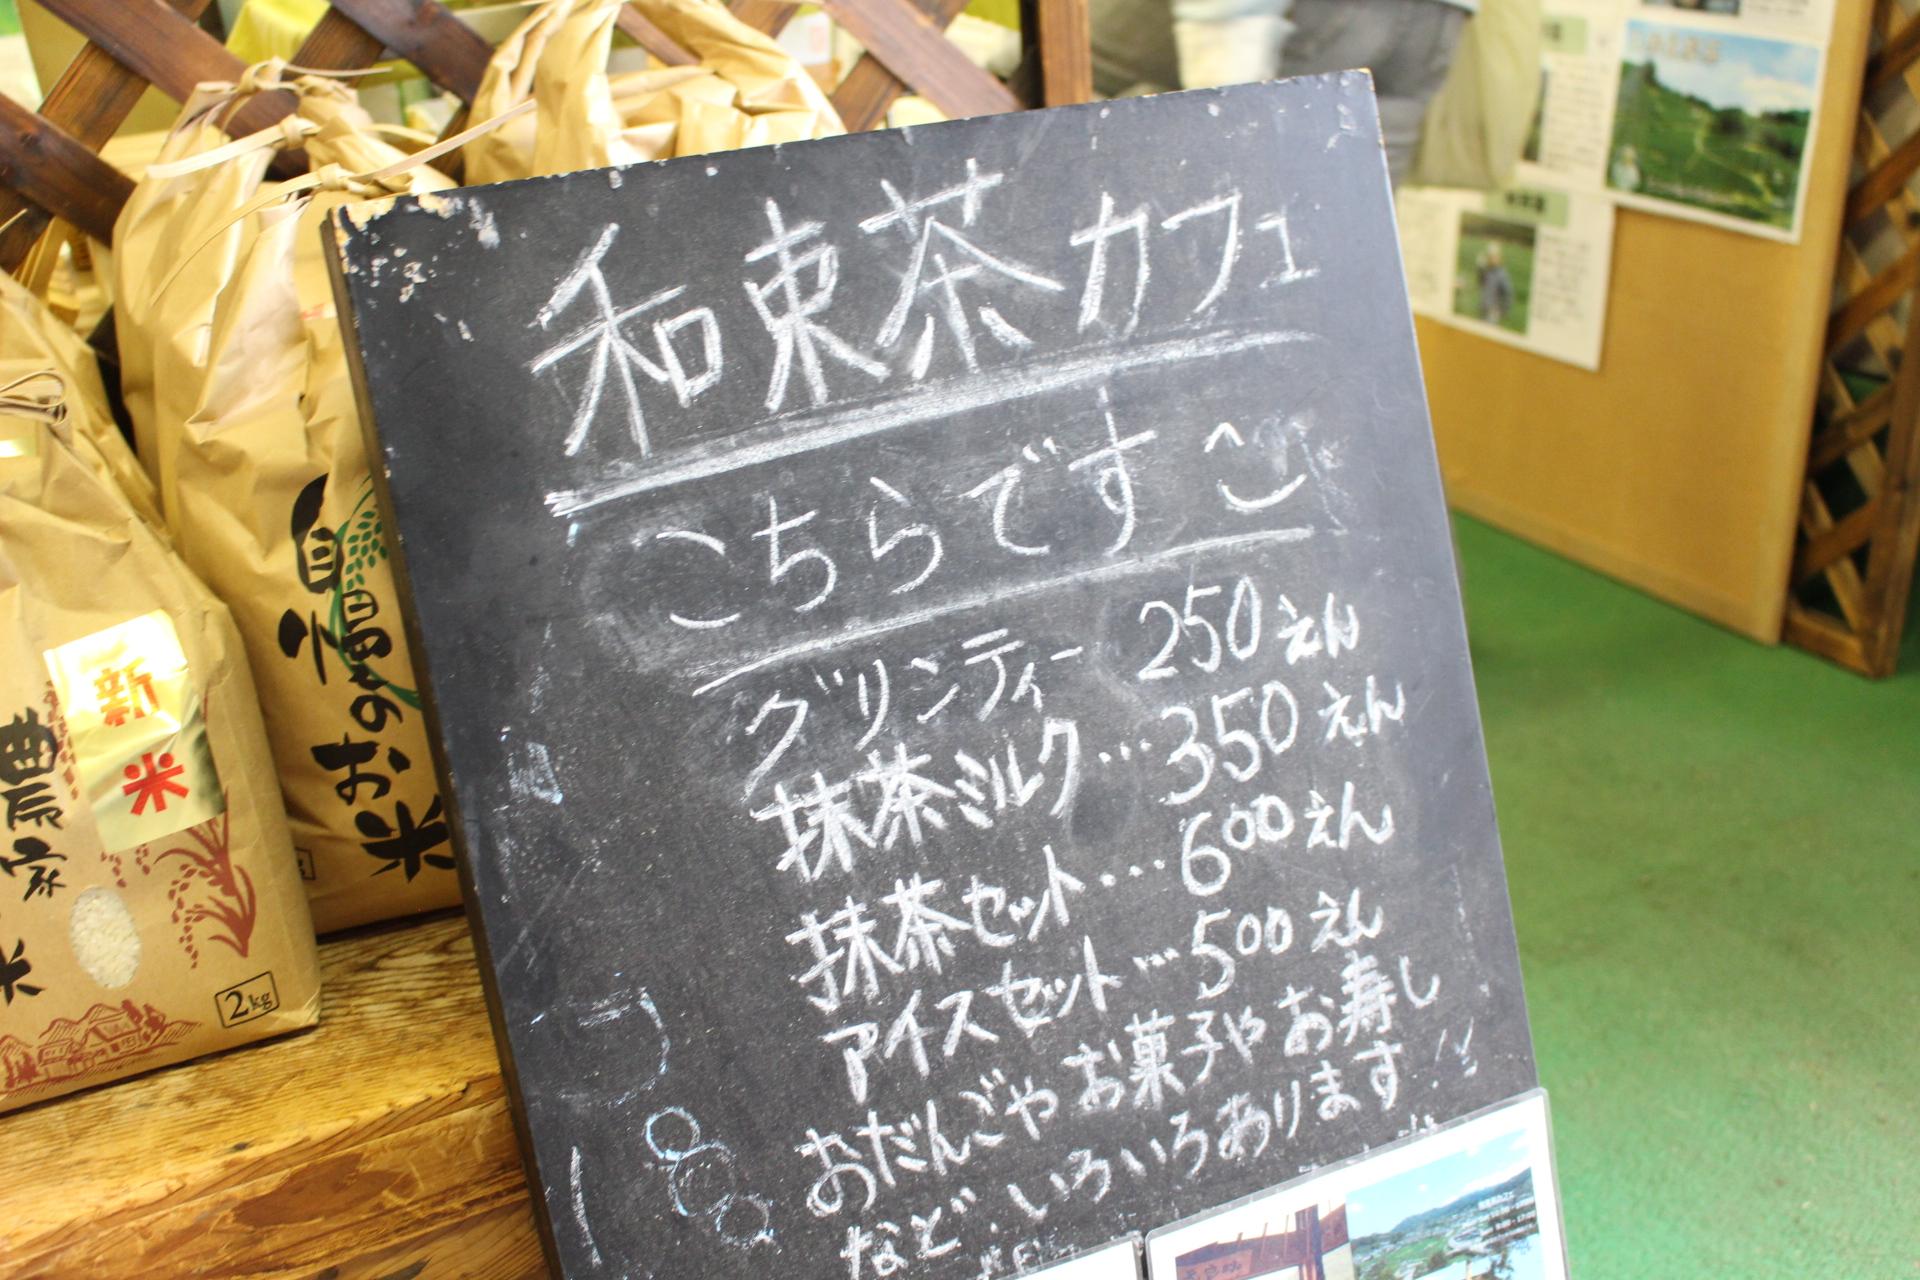 <!--:ja-->和束茶カフェ特設エリア<!--:-->